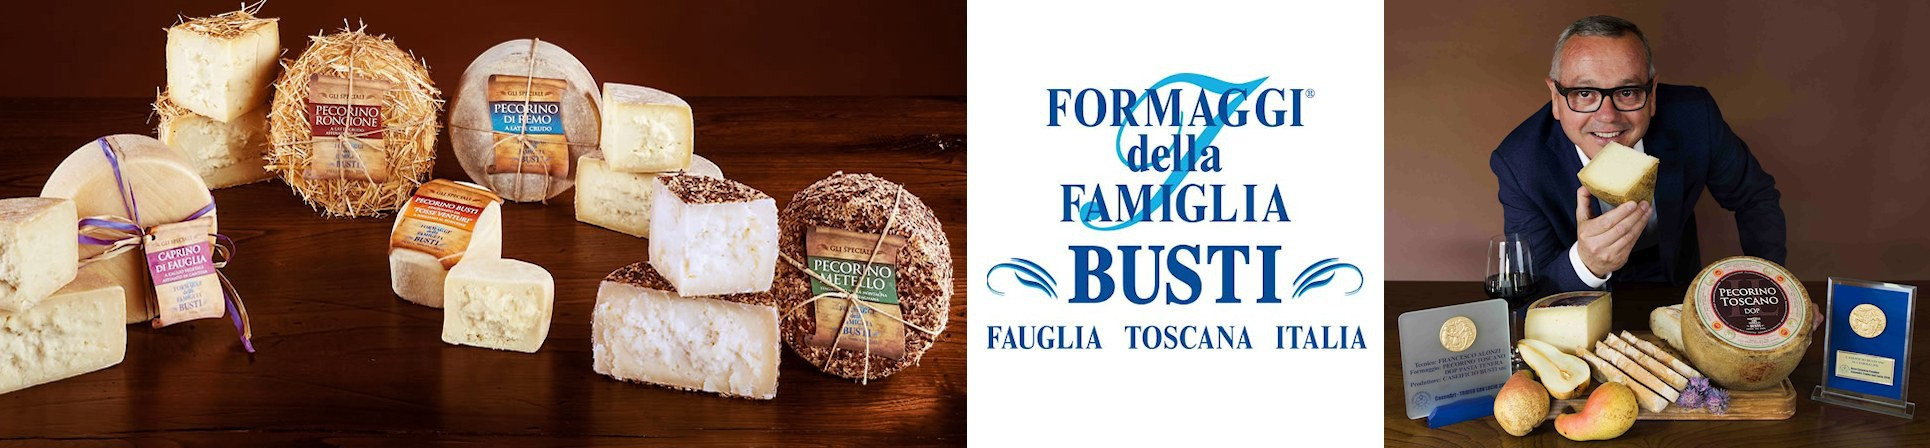 B2B GUSTOX - il Marketplace all'ingrosso delle eccellenze agroalimentari italiane - Formaggi della Famiglia Busti